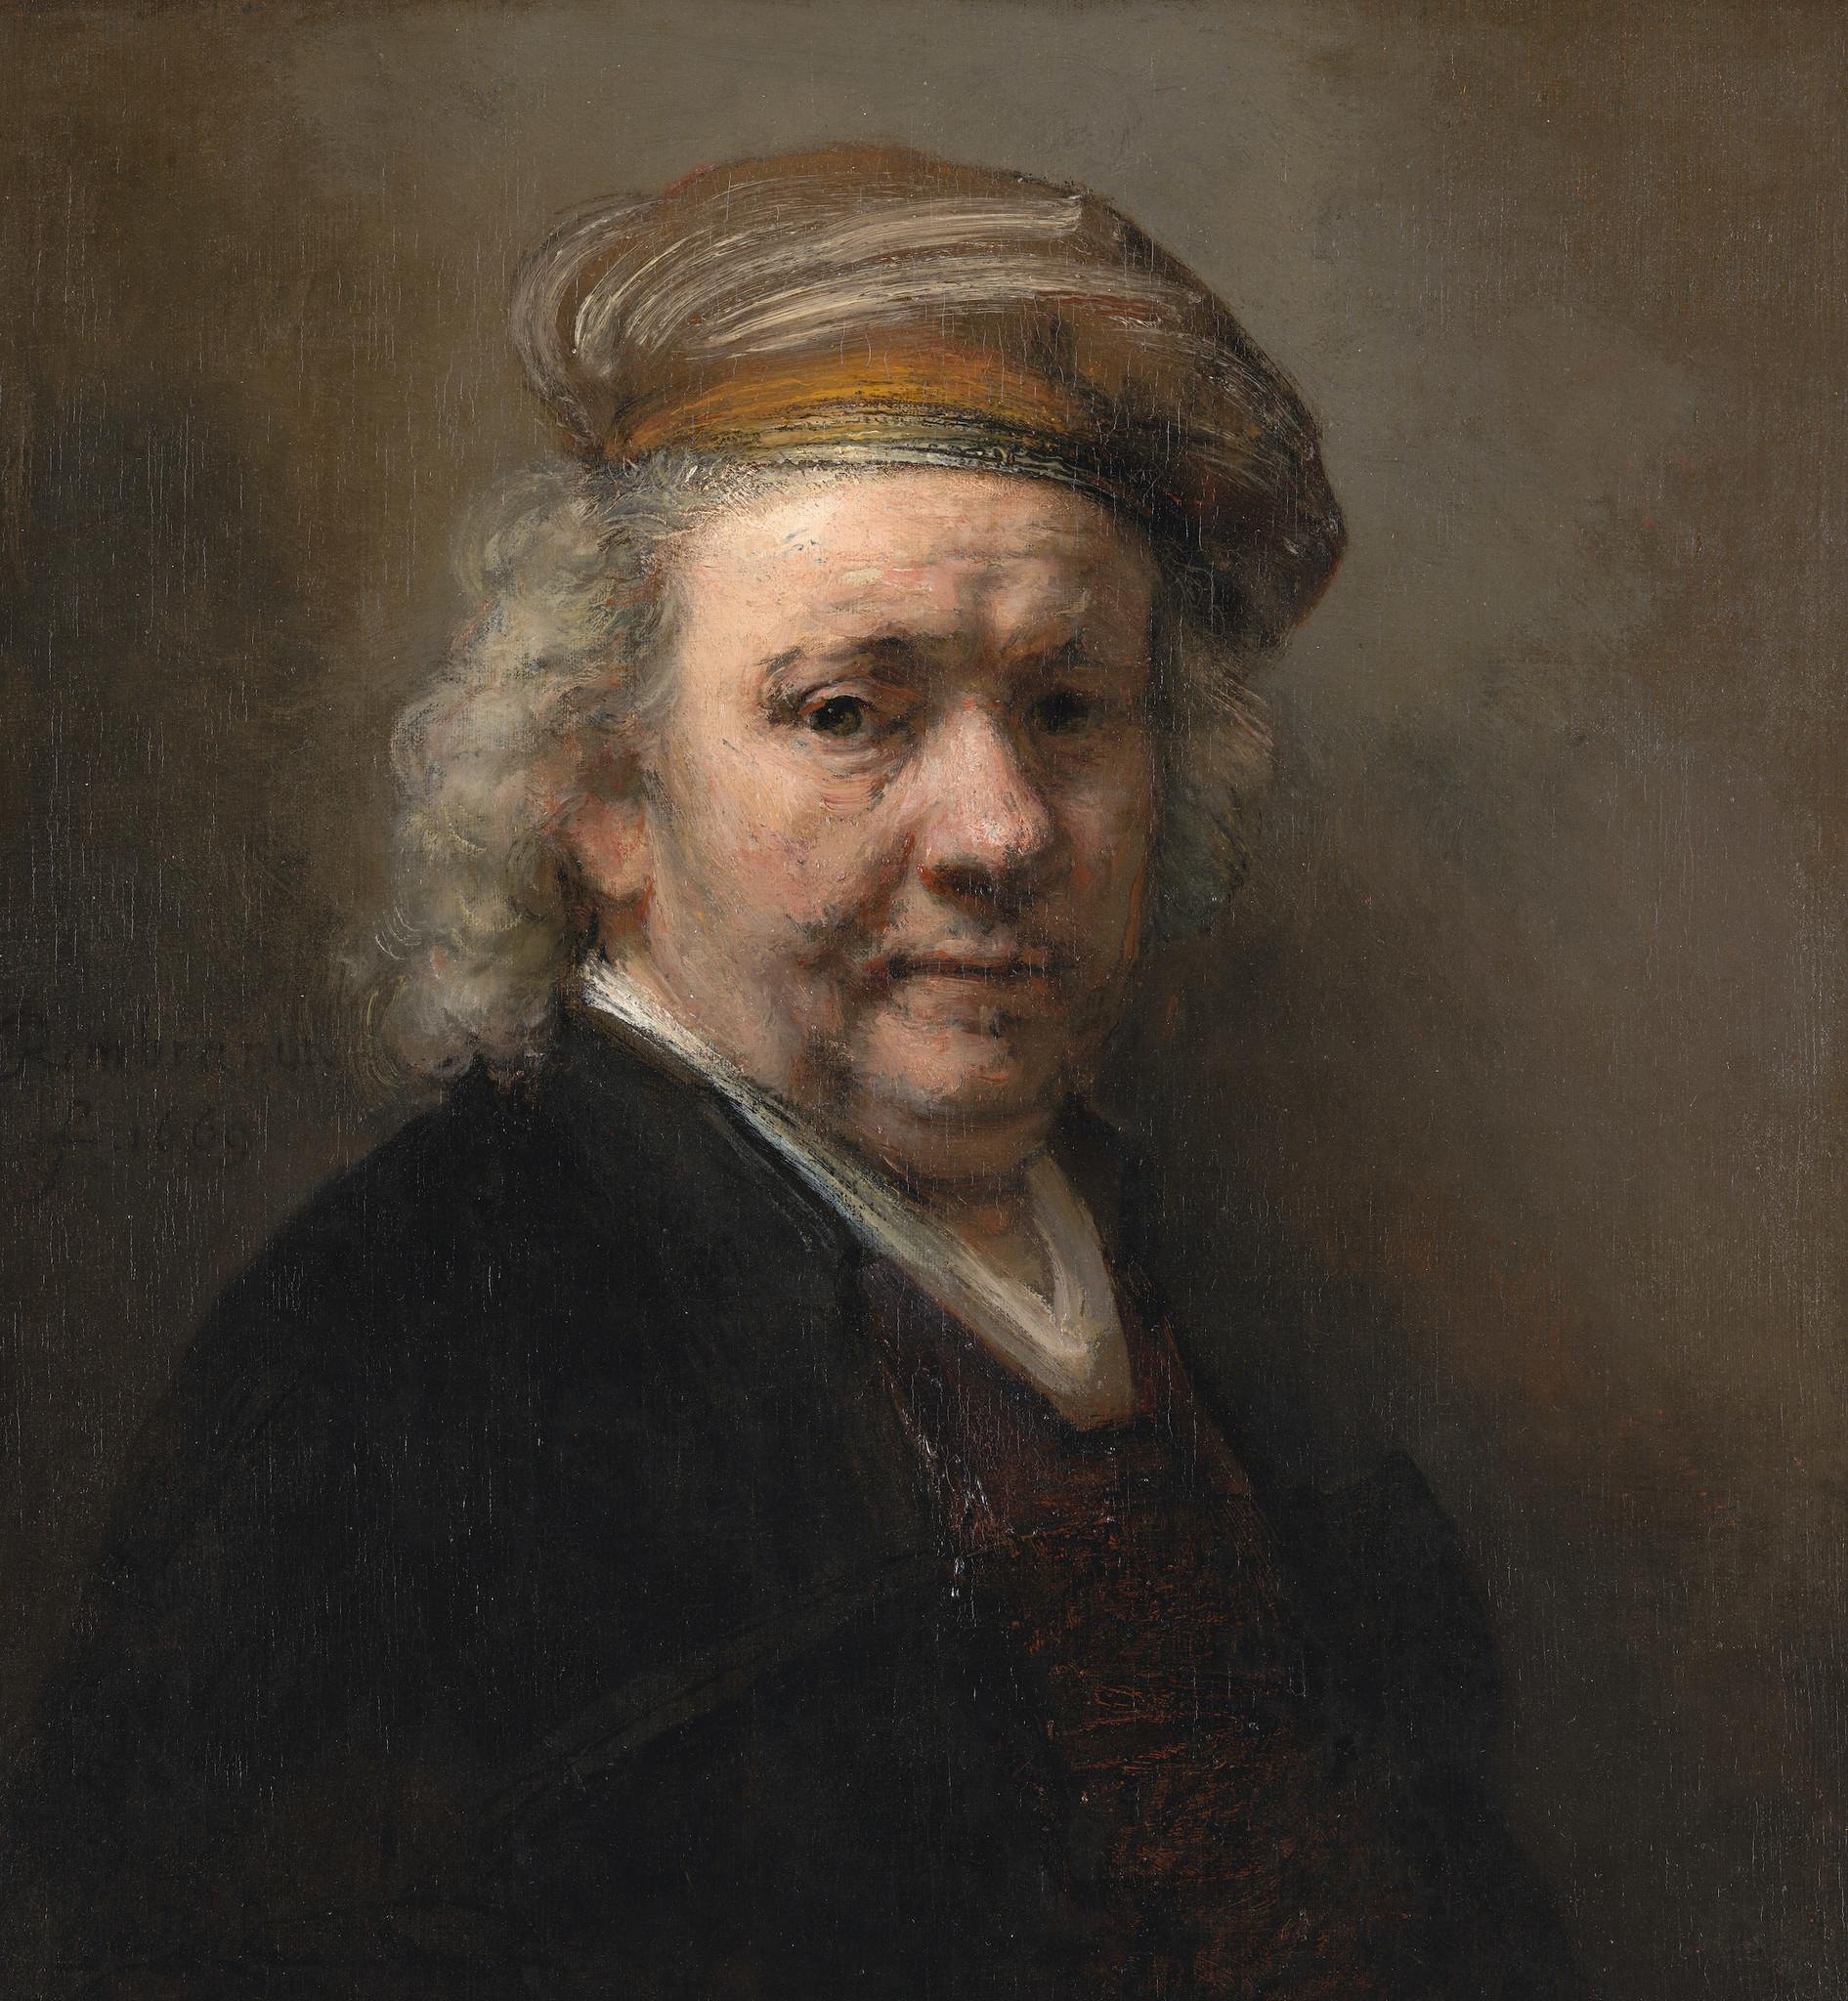 Schilderij - Rembrandt van Rijn, Zelfportret, 1669, 90x100 cm